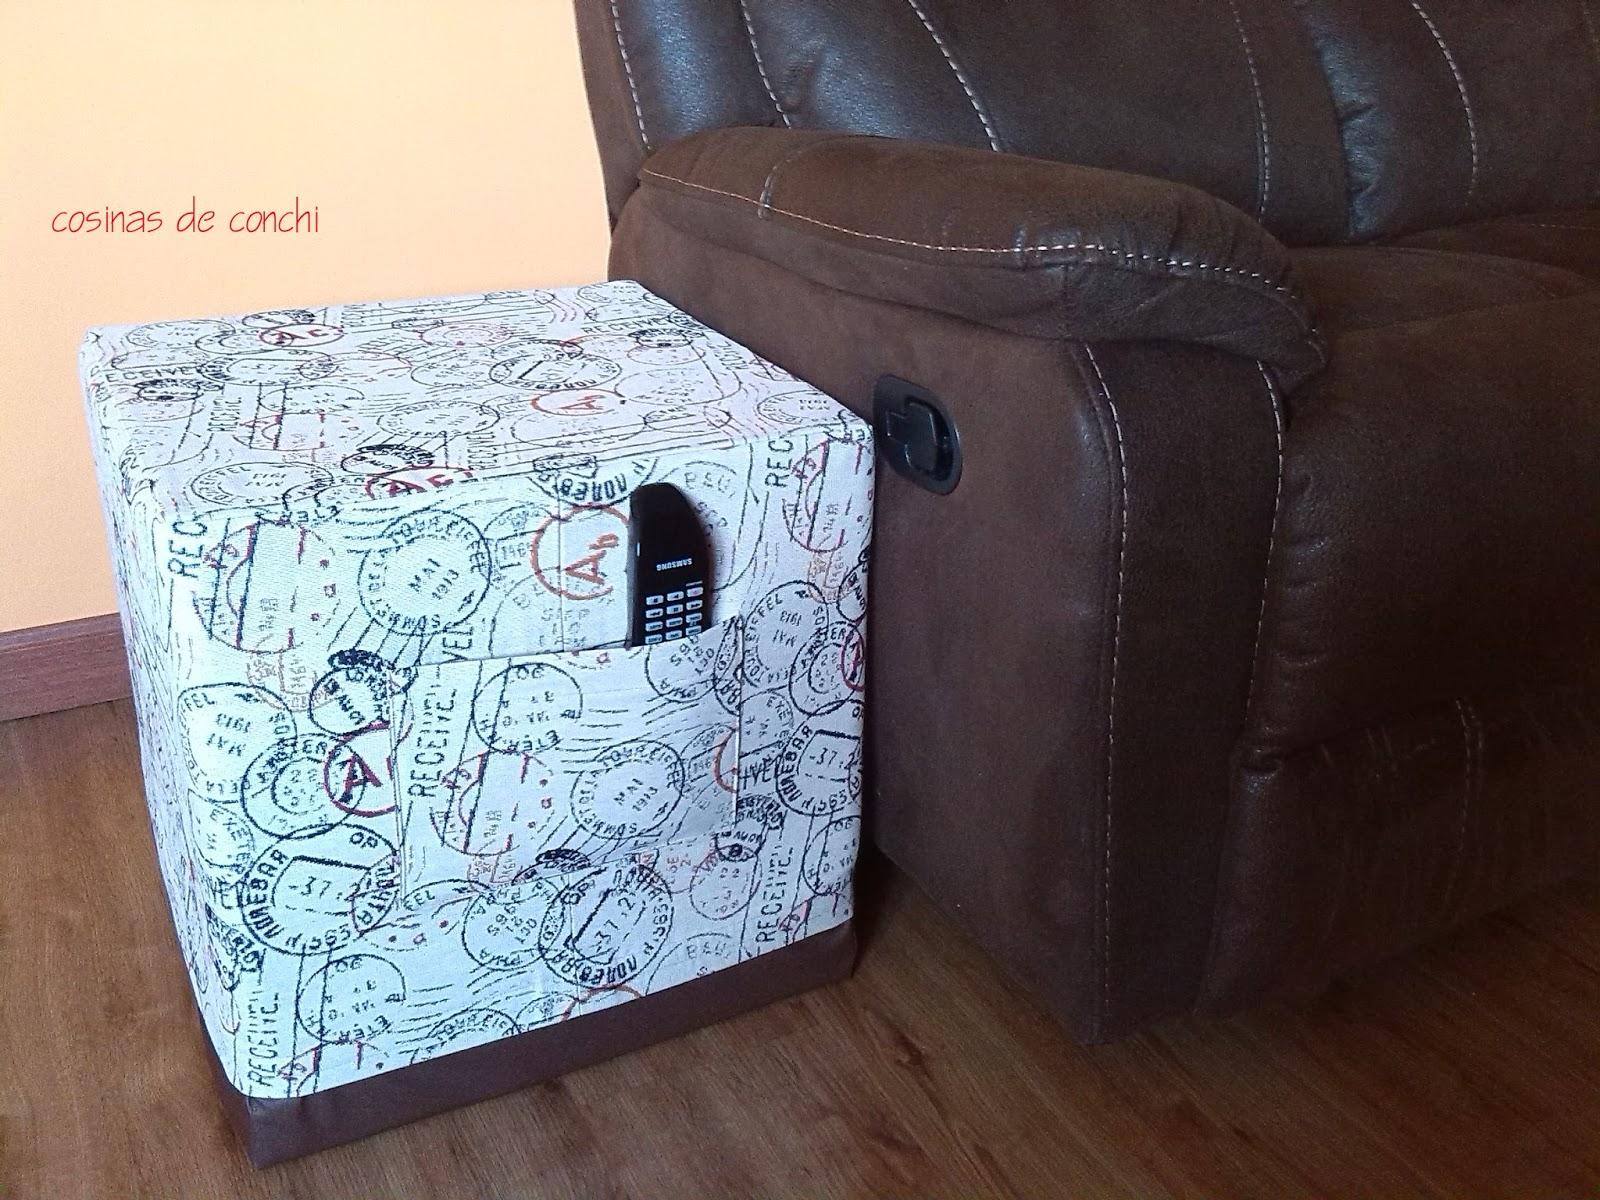 Cosinas de conchi cubo pouf con tutorial - Como forrar un armario con tela ...